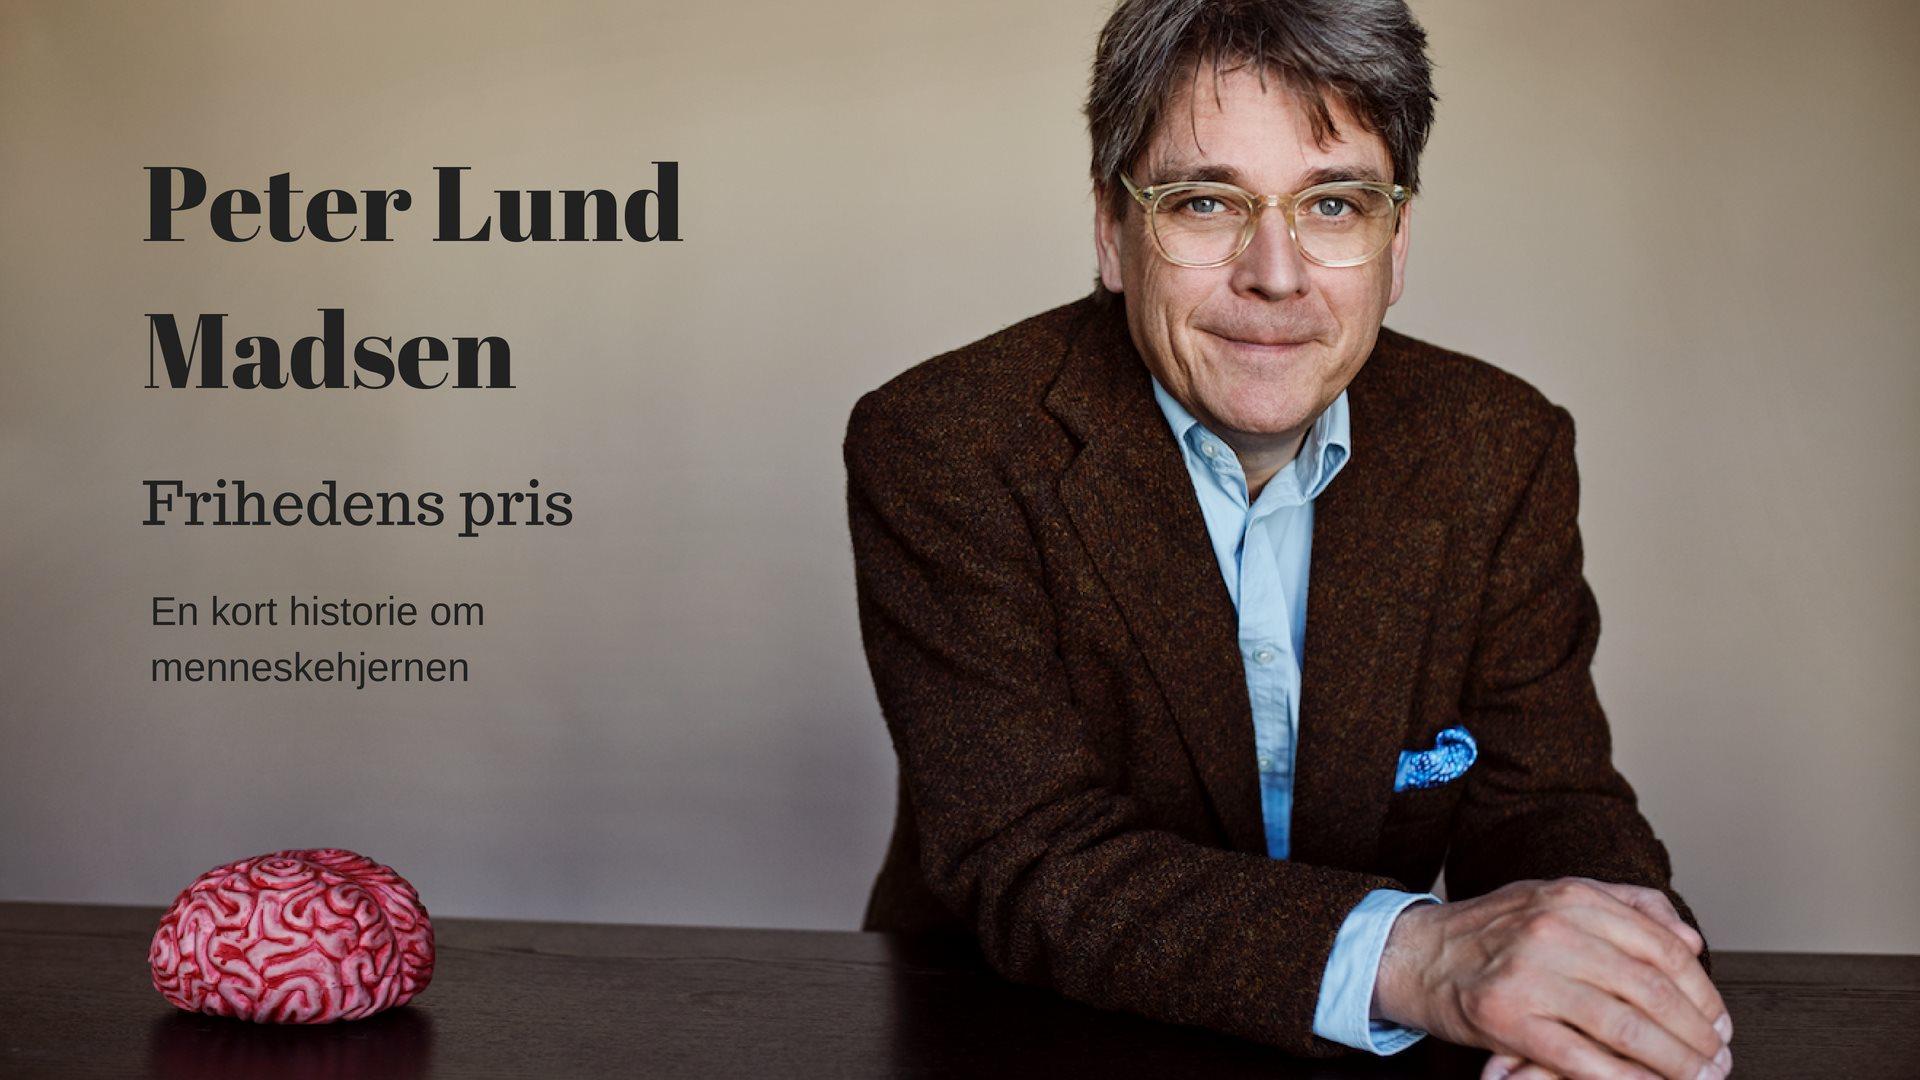 Peter Lund Madsen, Frihedens pris, En kort historie om menneskehjernen